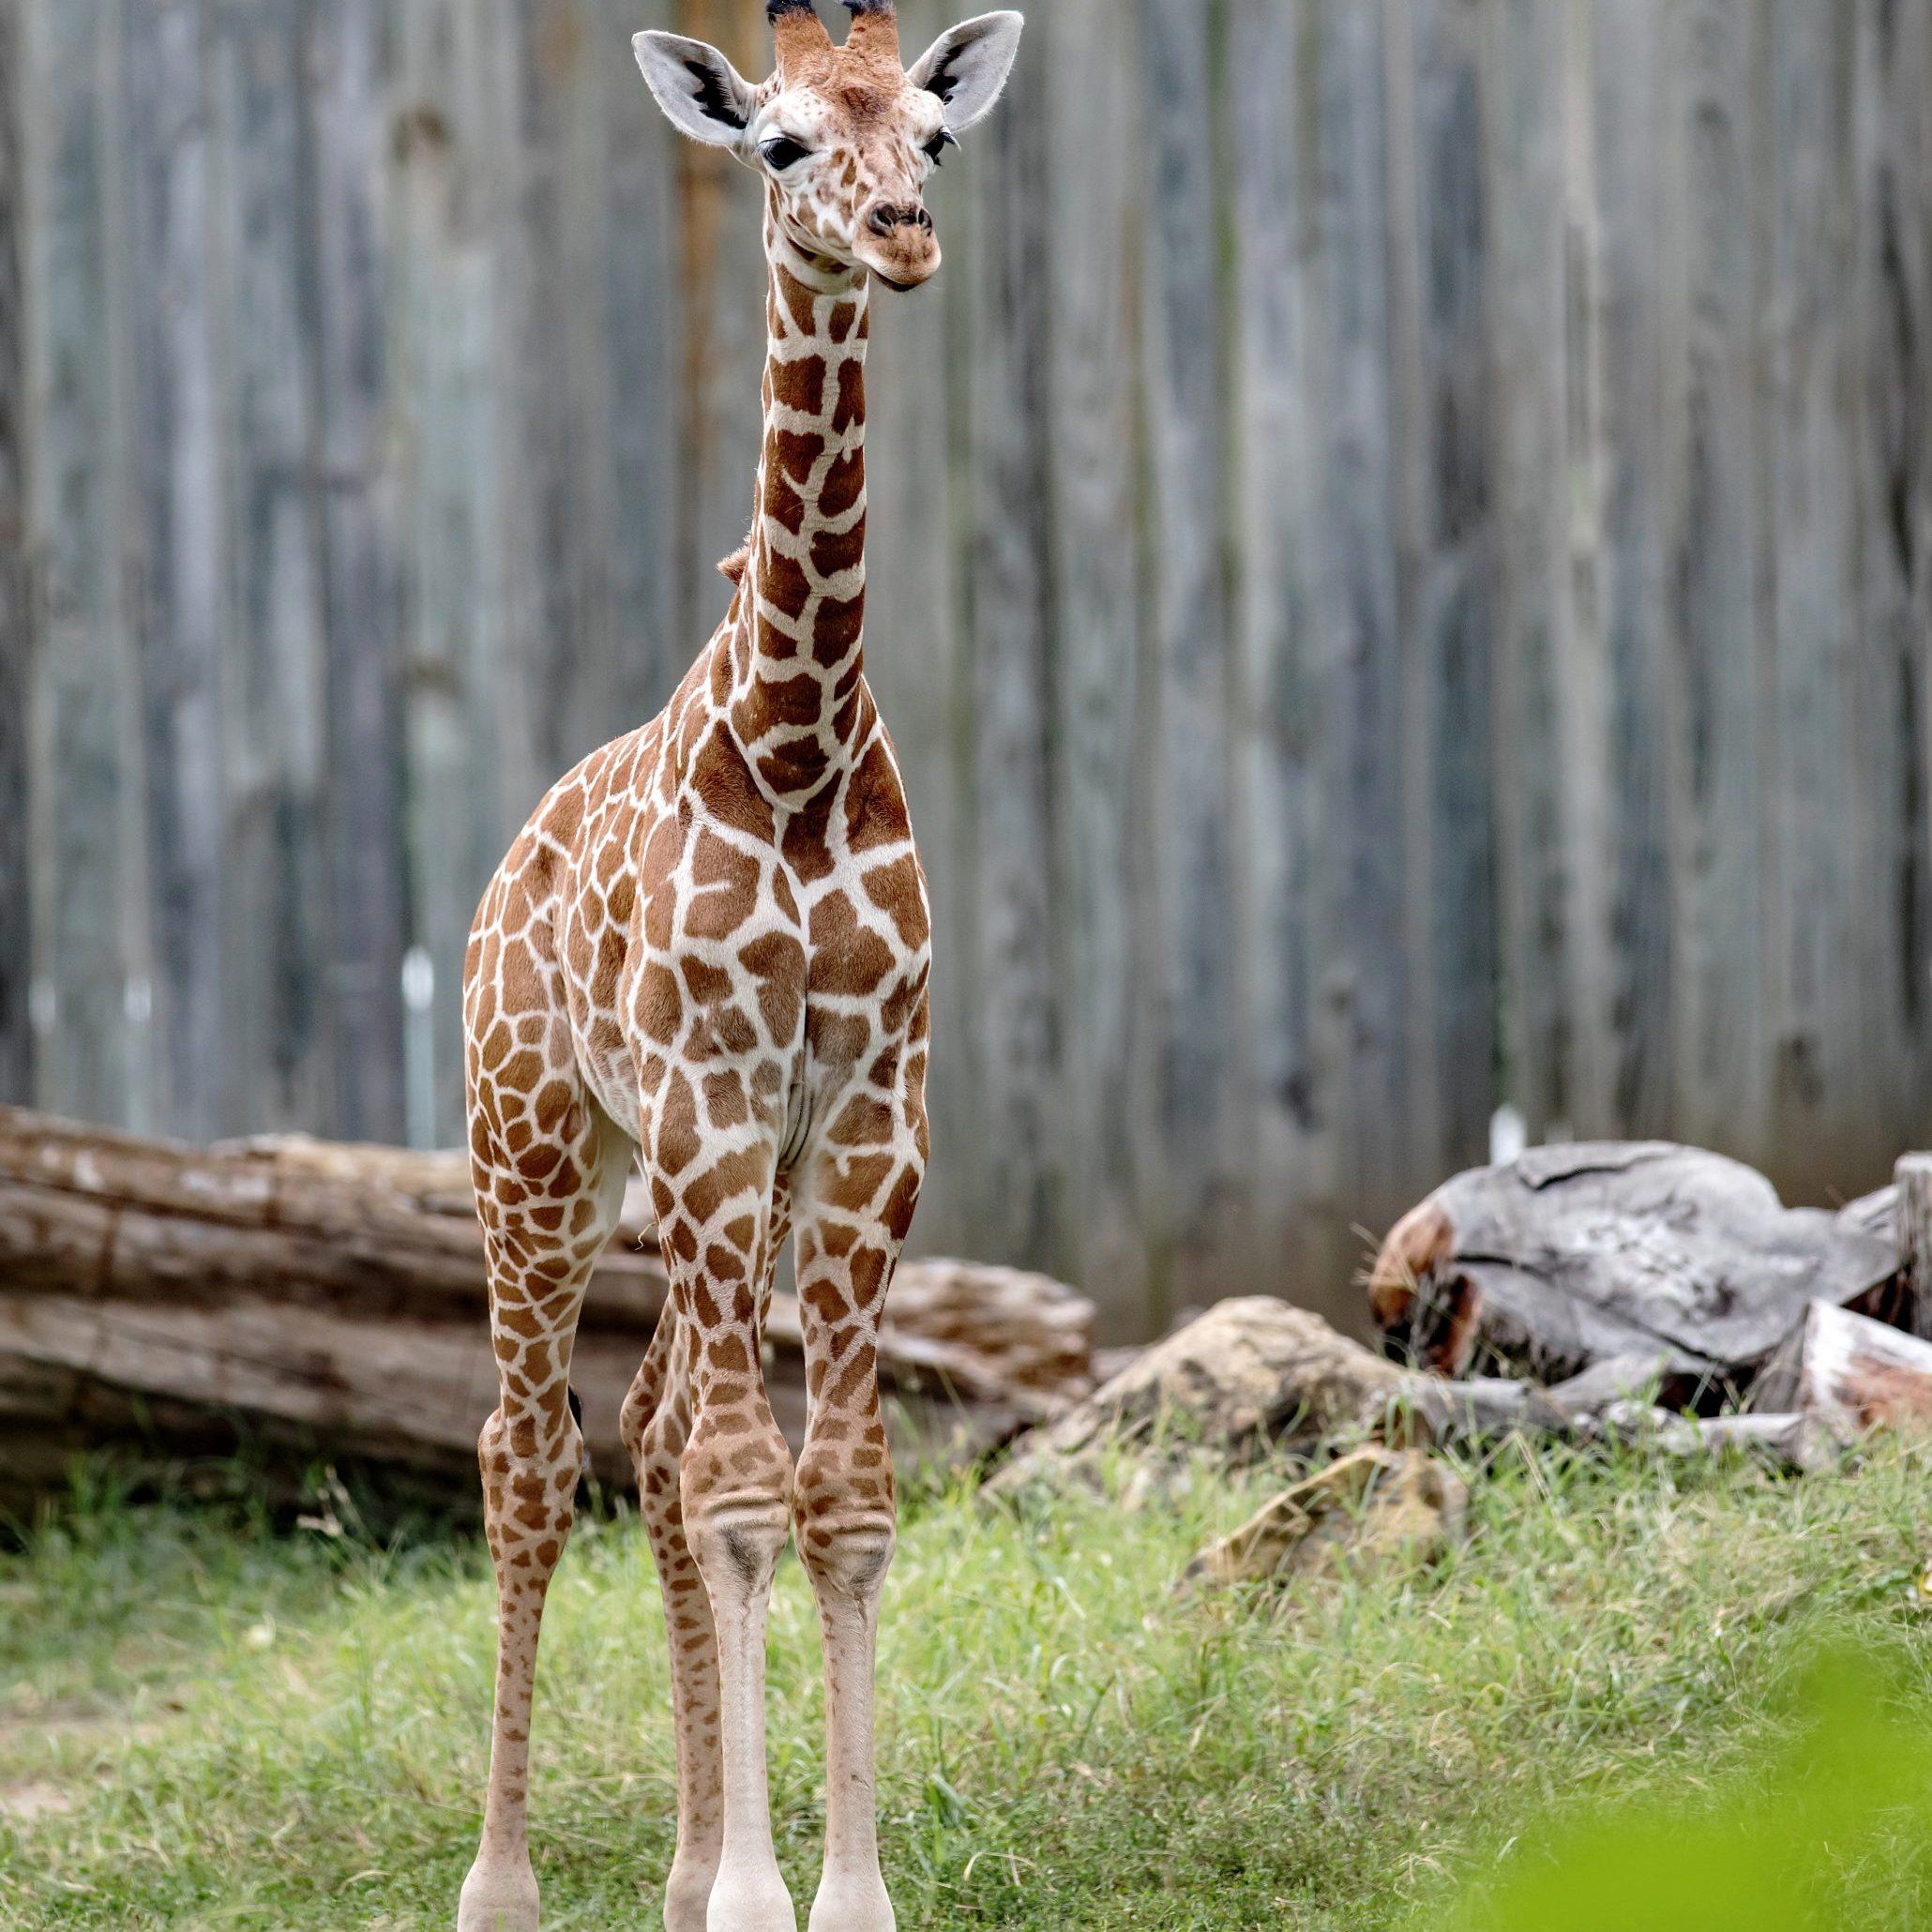 Liz the Giraffe